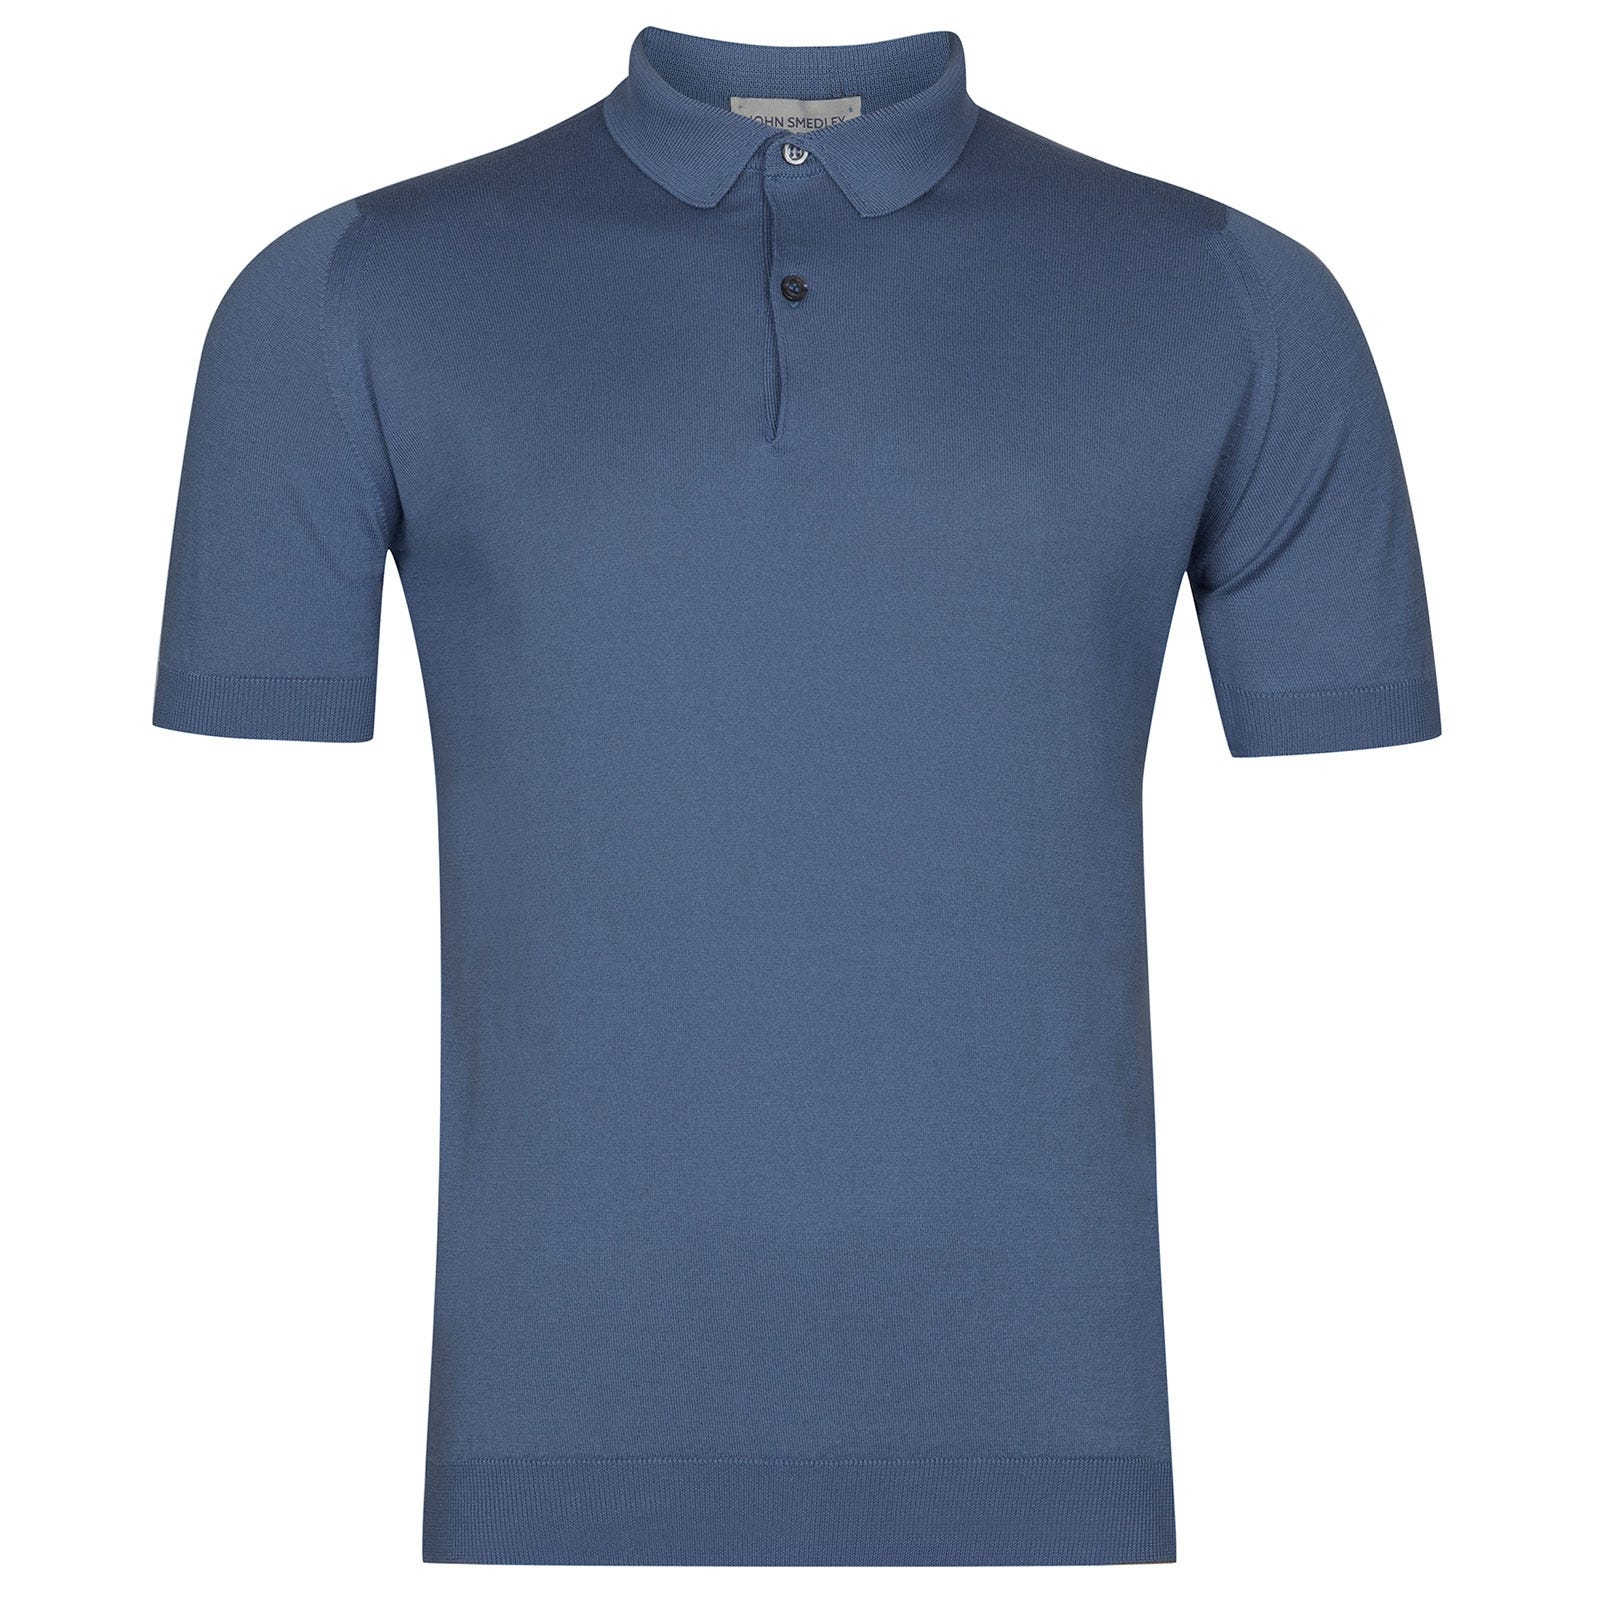 John Smedley Rhodes in Blue Iris Shirt-XXL